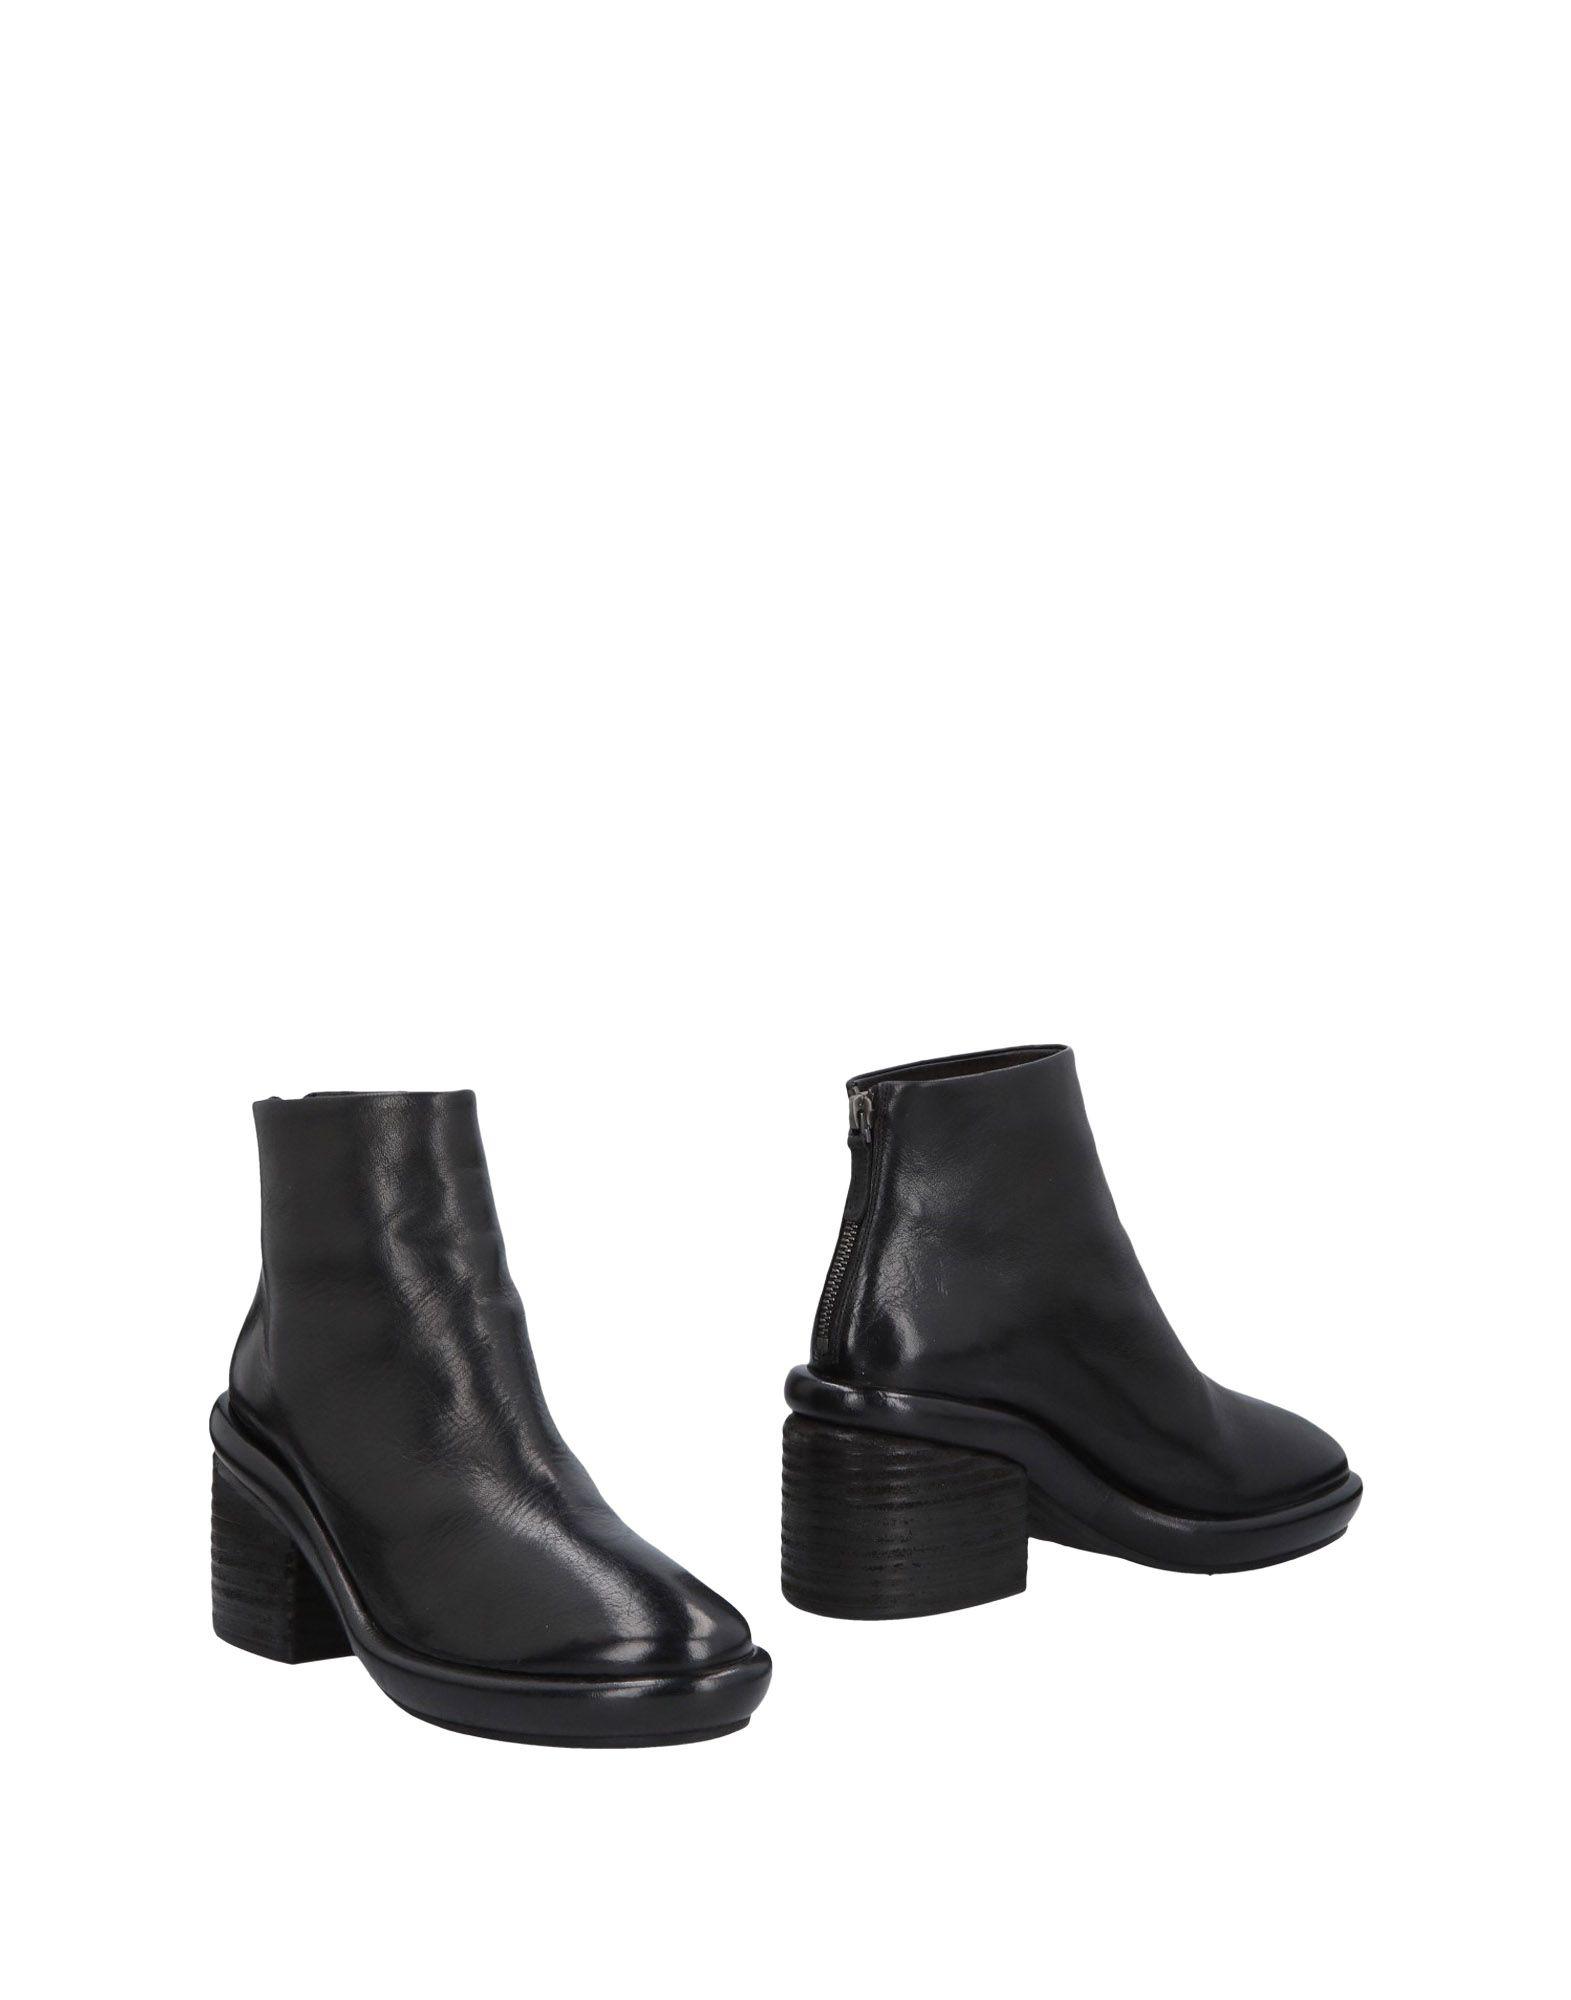 Marsèll Stiefelette Damen  11470654NNGünstige gut aussehende Schuhe